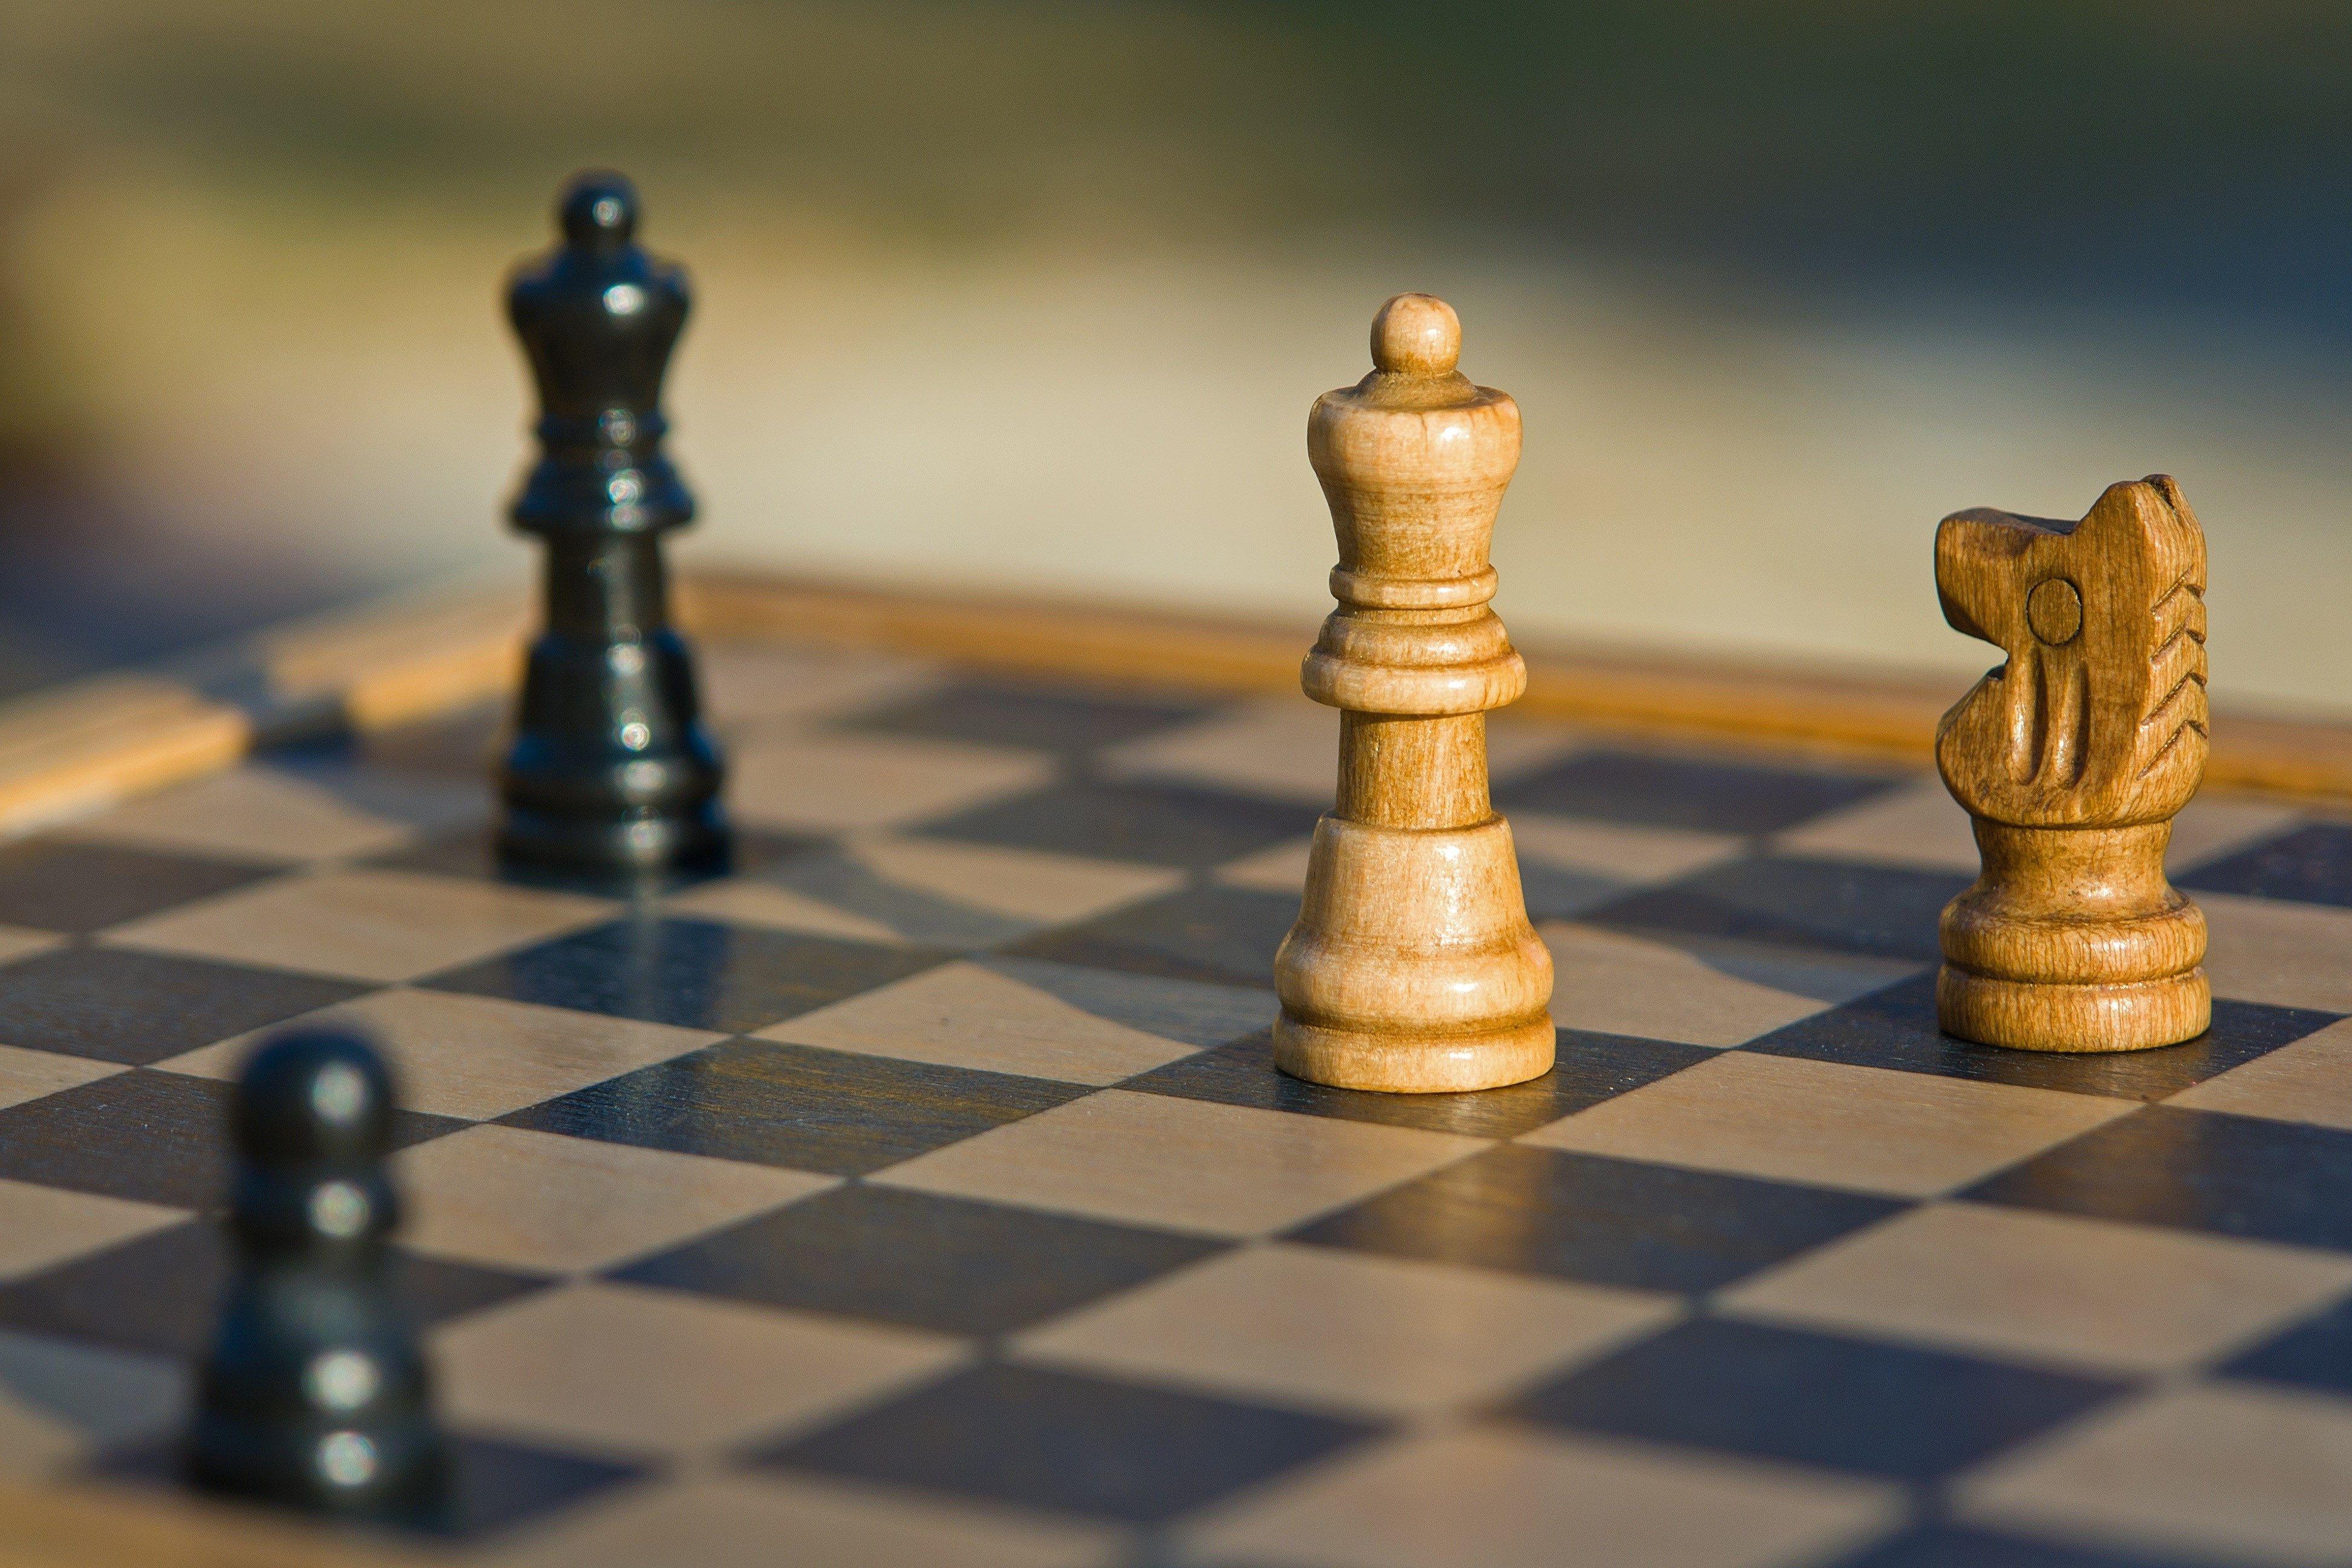 4k Chess Hd Wallpaper 3888x2592 Wallpaperscreator Pinterest